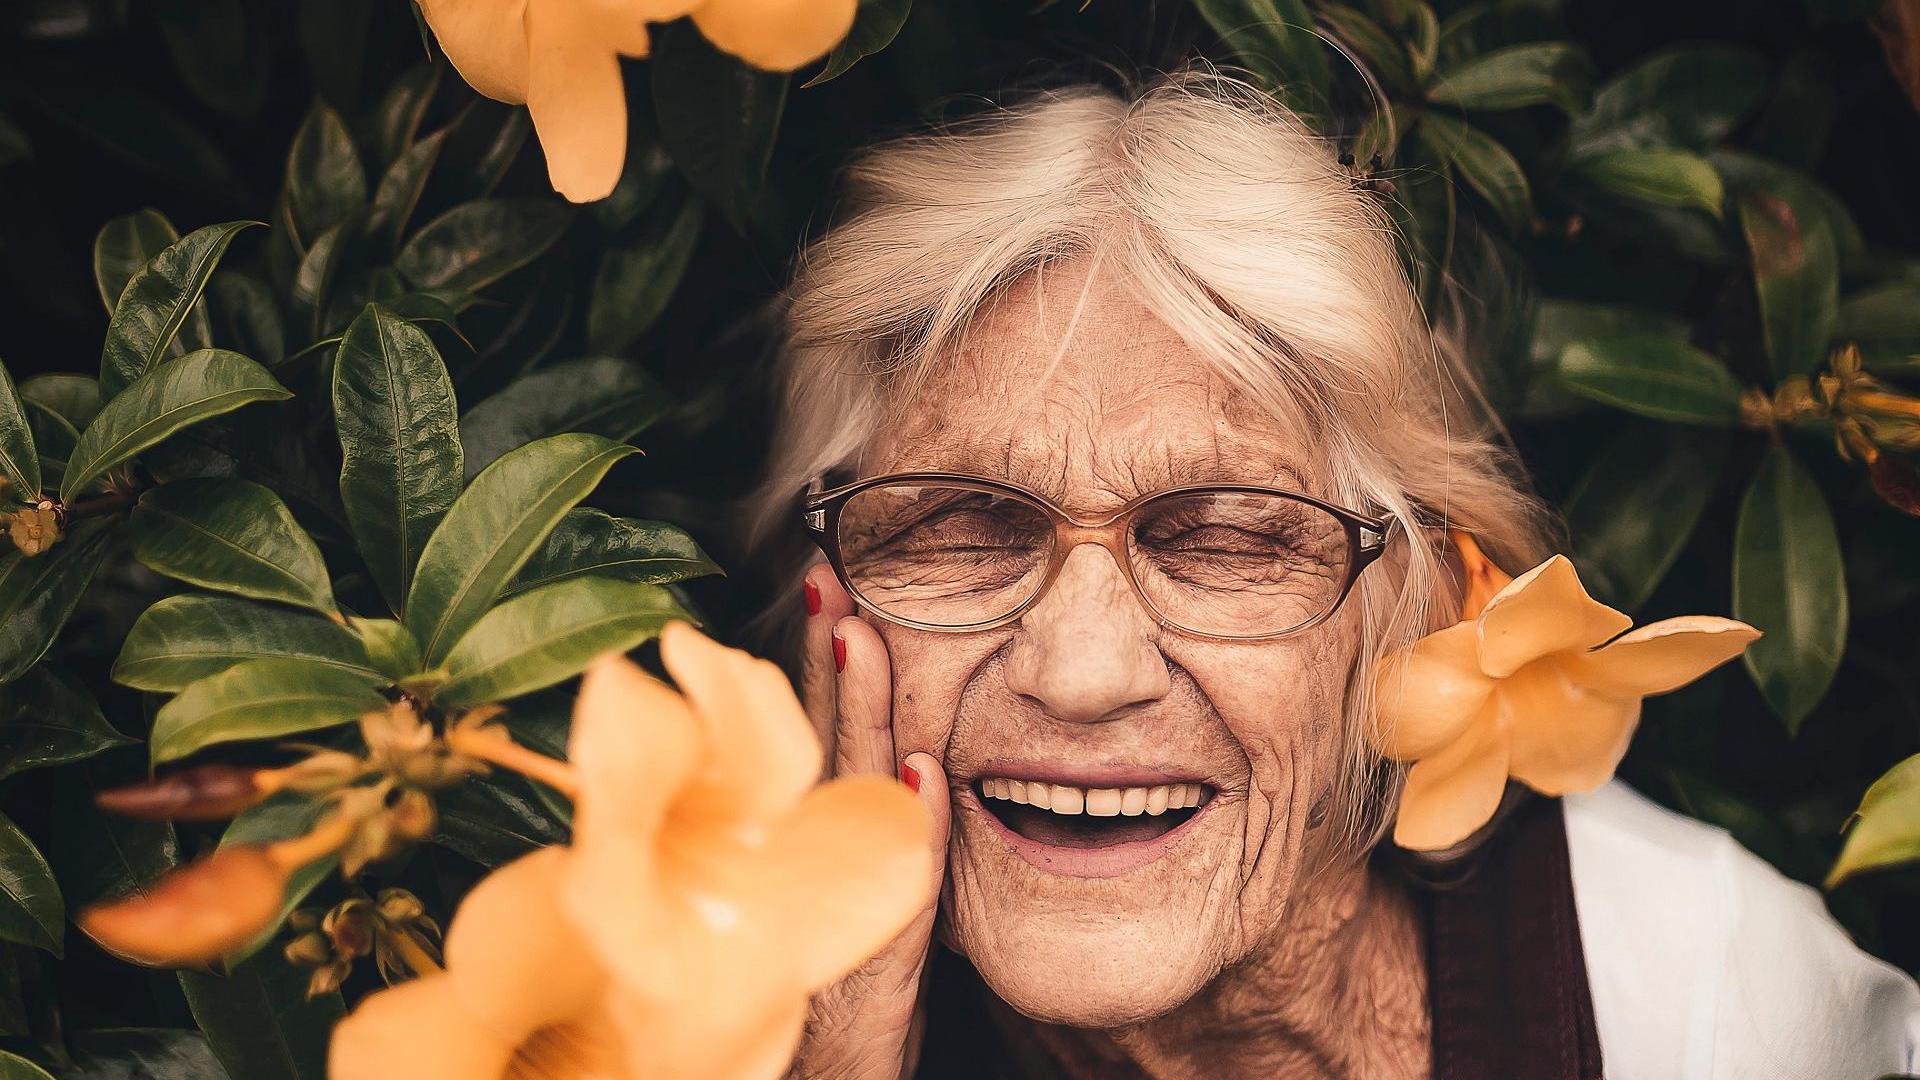 Lachende alte Dame